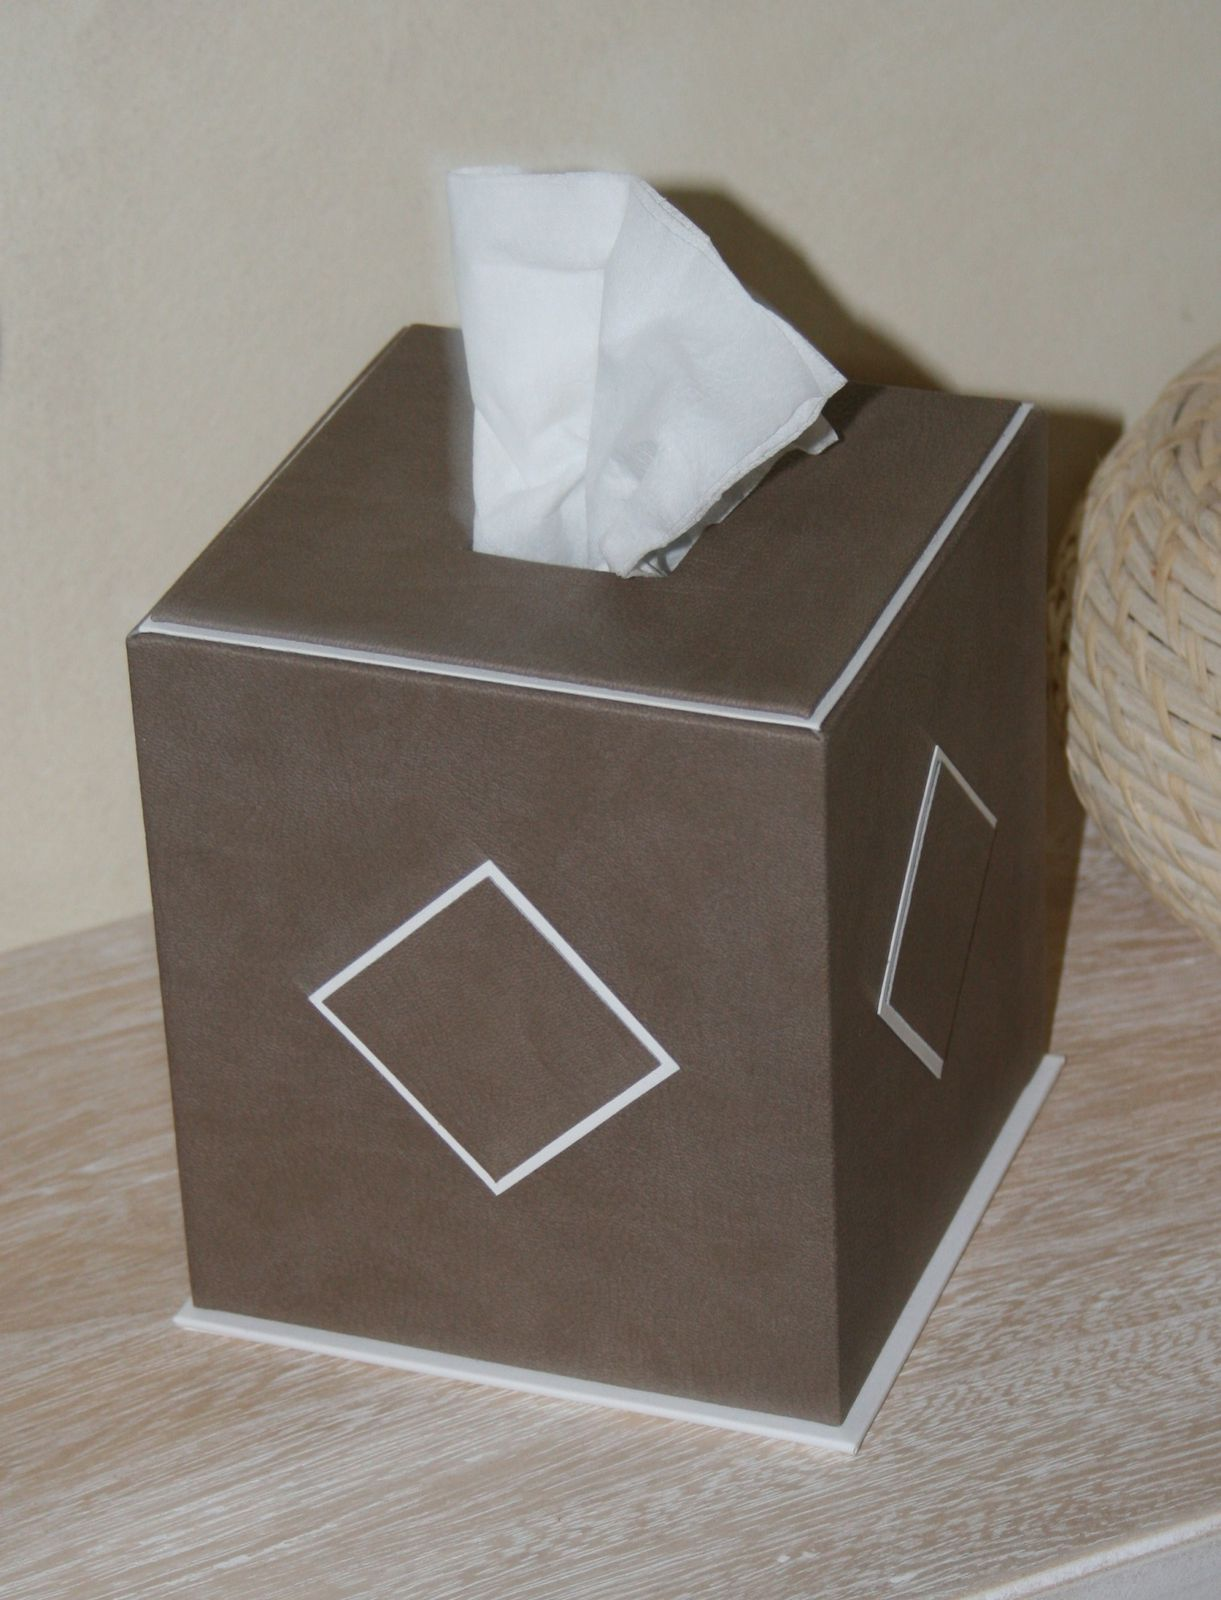 Decoration Boite Mouchoir Carton